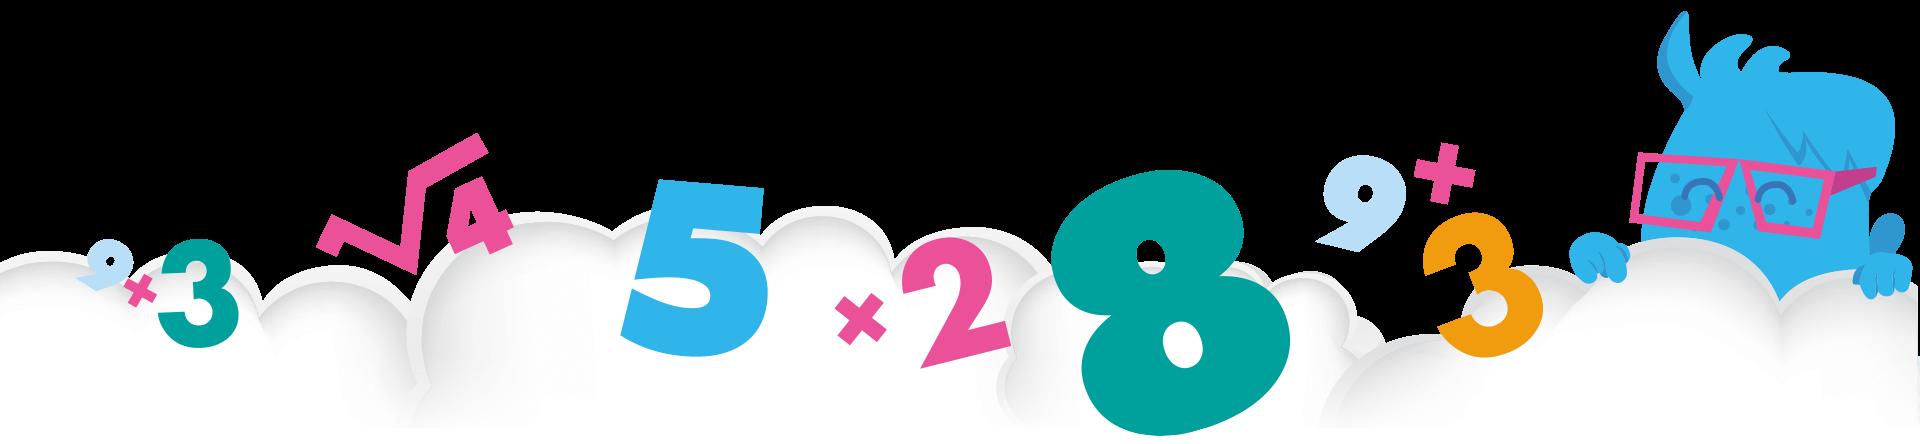 metodo de ingles y matematicas para niños